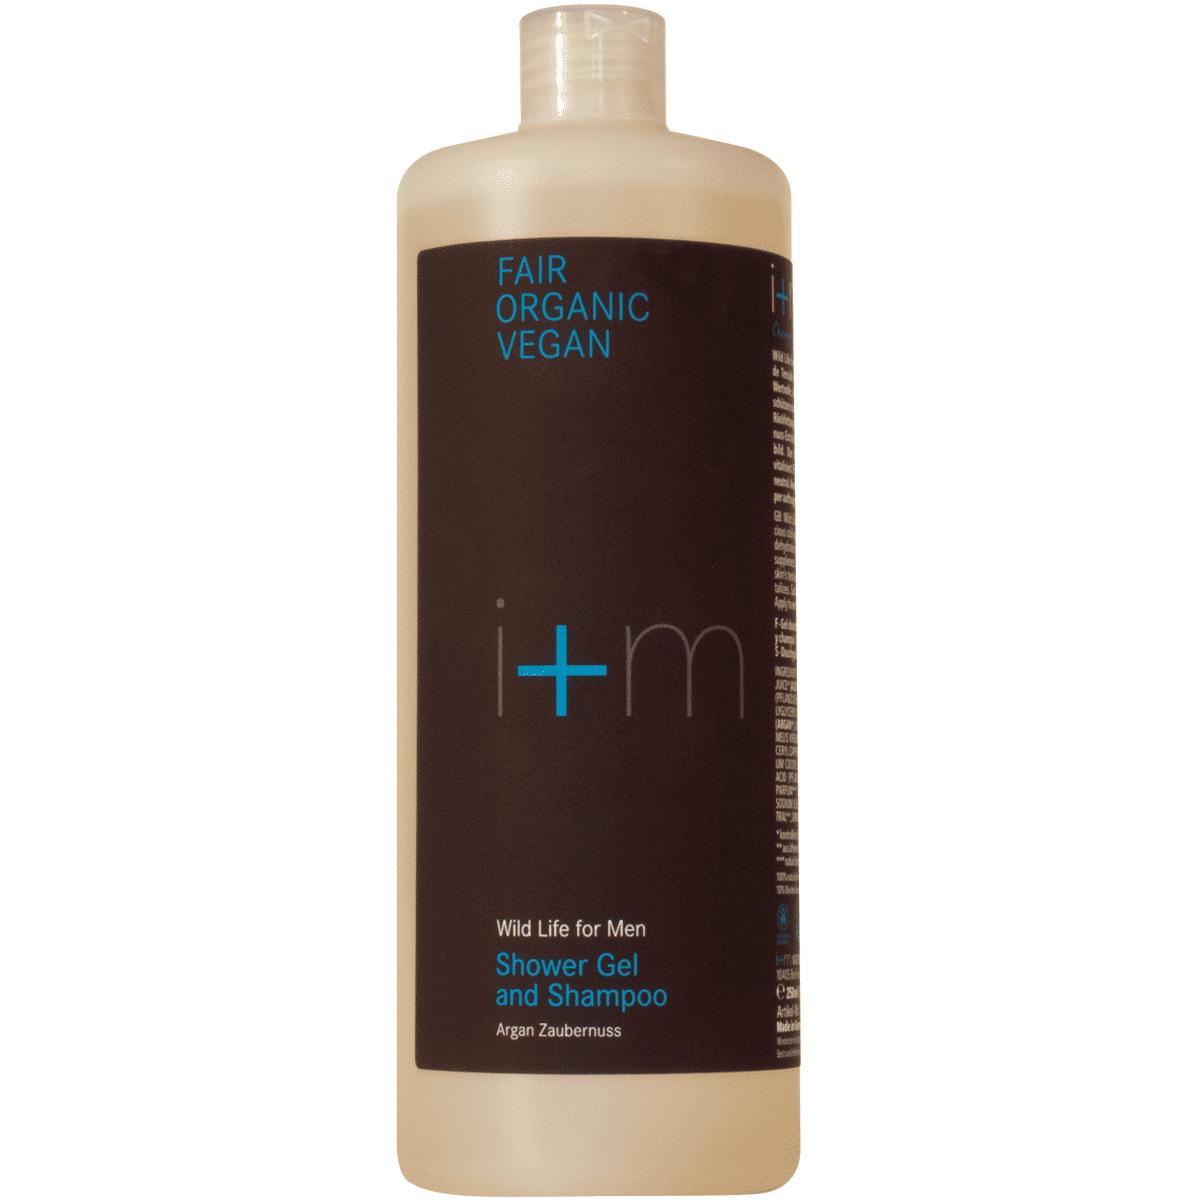 626714bfa9 Das Family Size Shower Gel and Shampoo Refill im praktischen Nachfüllpack  reinigt jeden Haut- und Haartyp schonend, aber gründlich und duftet  herrlich nach ...